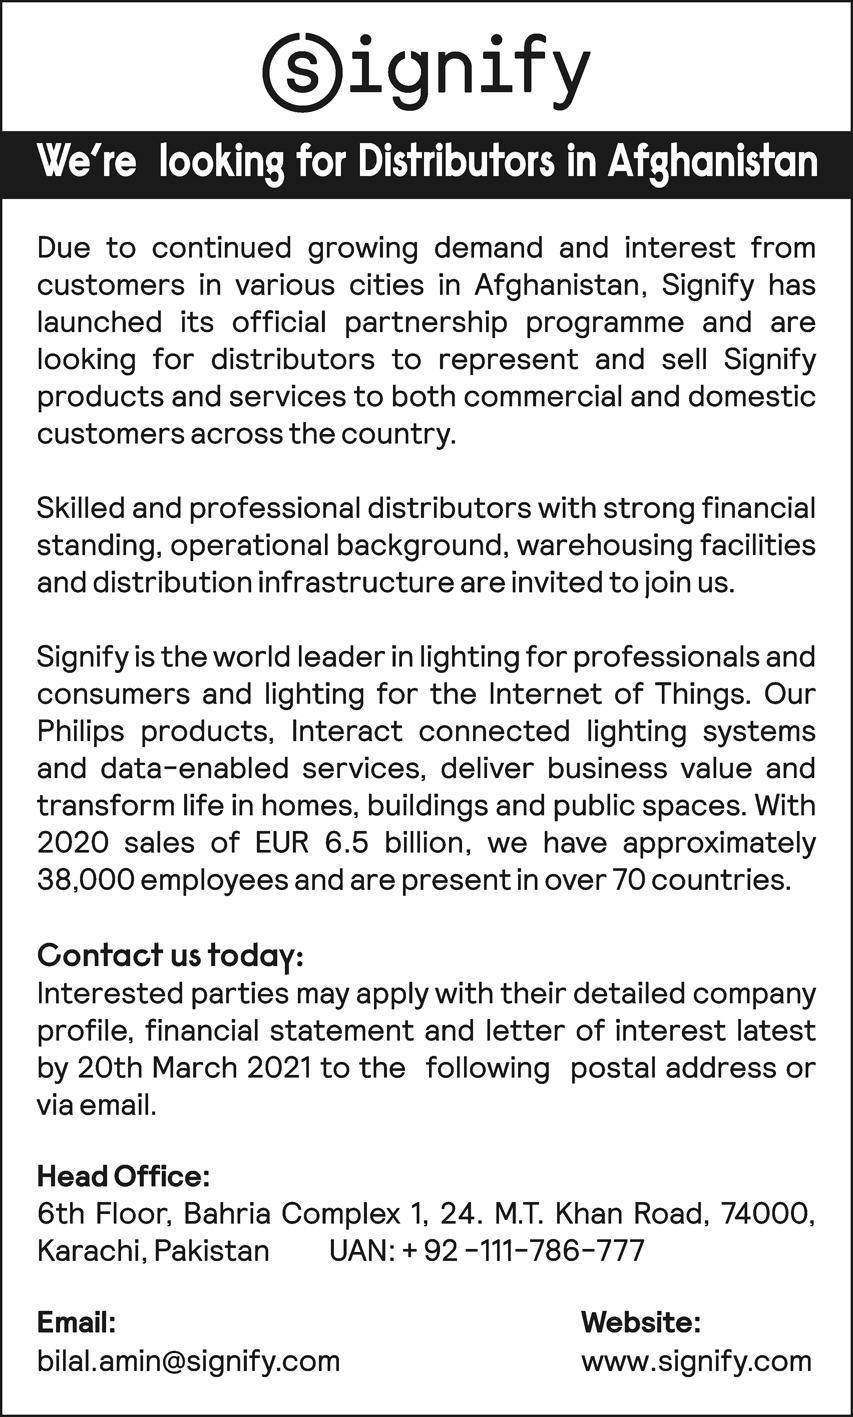 Signify Company Distributor Jobs 2021